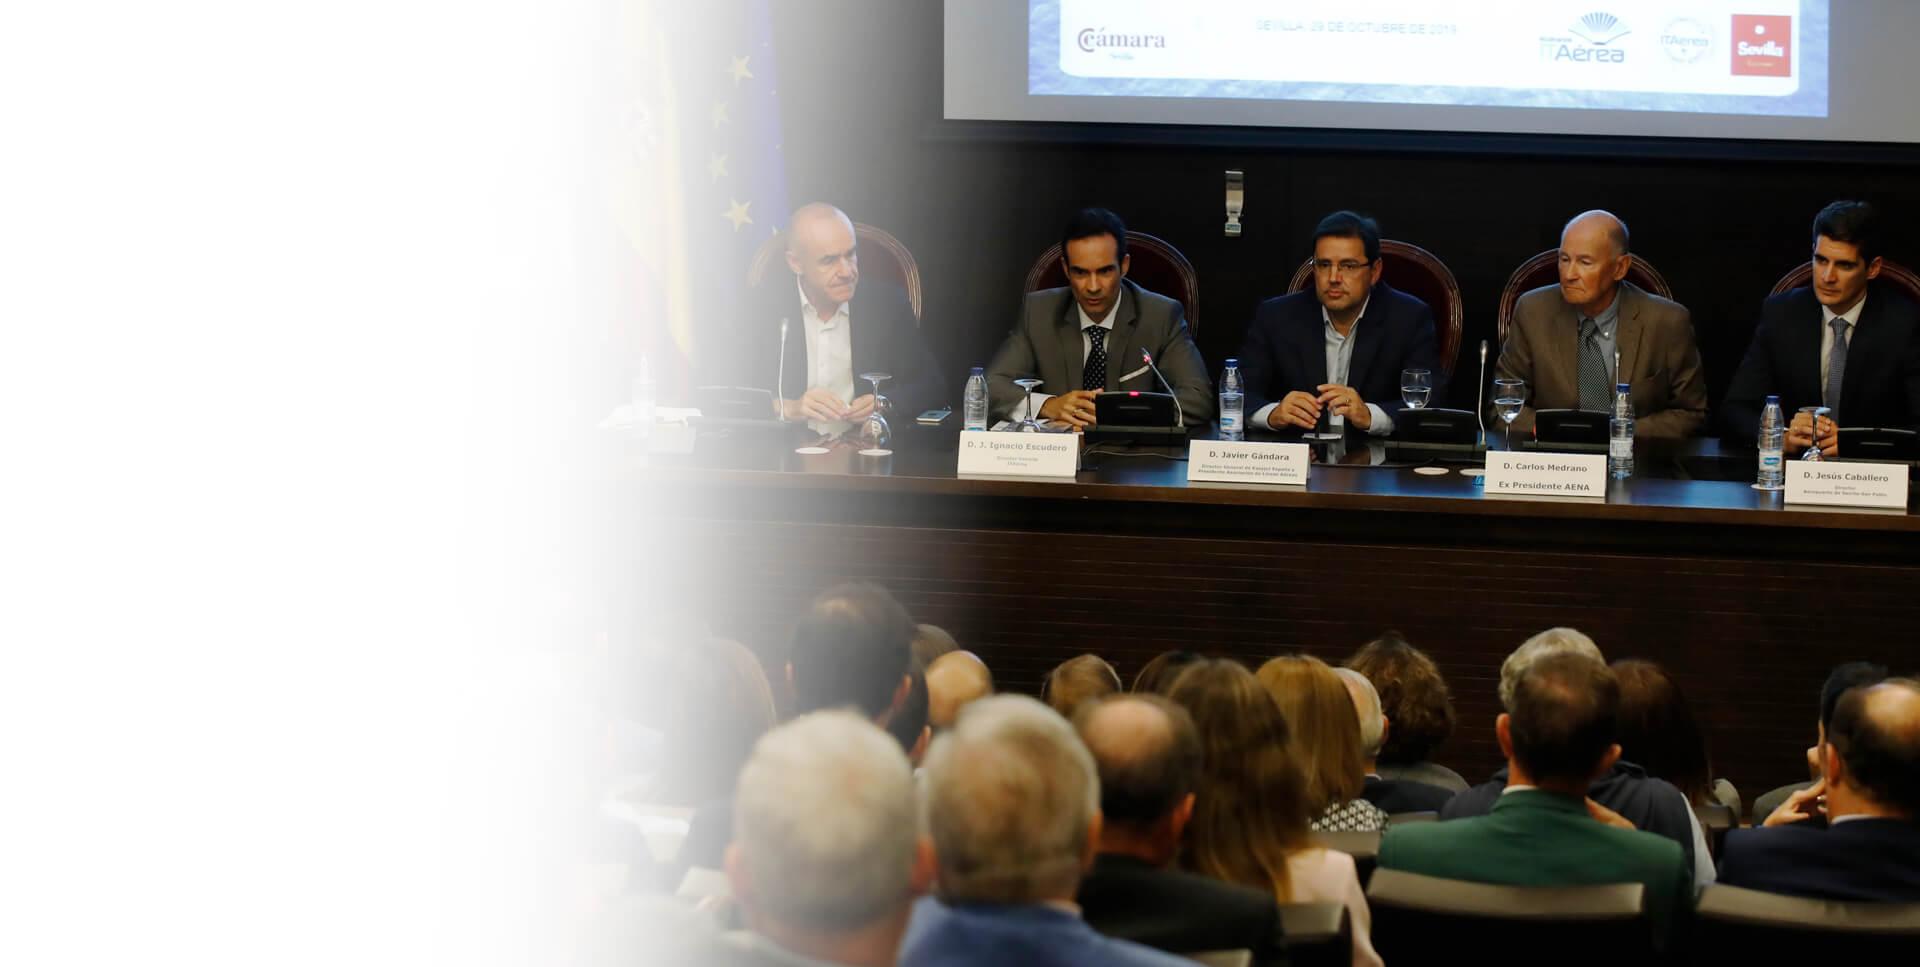 <span class='negritaslide'>Presentado en Sevilla el nuevo <br />libro de Javier Gándara.</span>